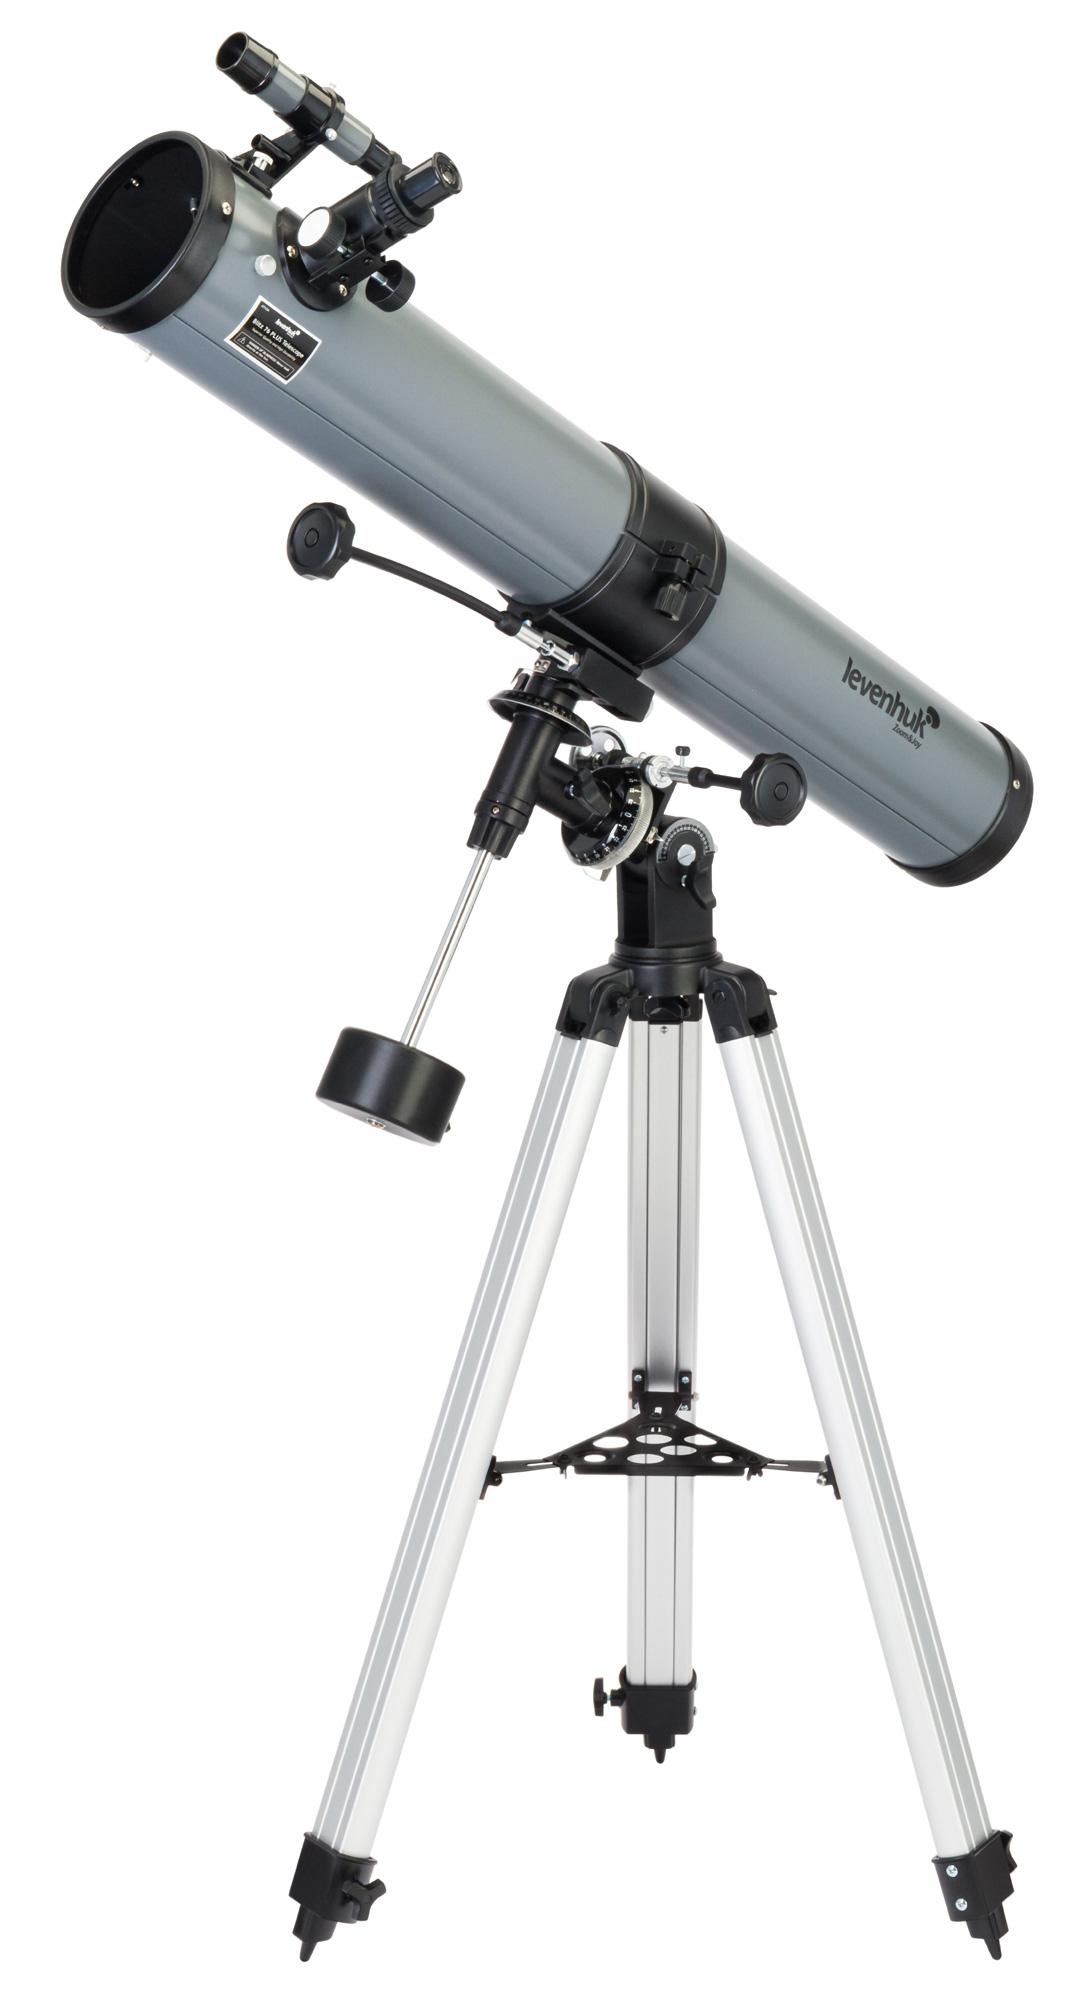 Картинка для Телескоп Levenhuk (Левенгук) Blitz 76 PLUS